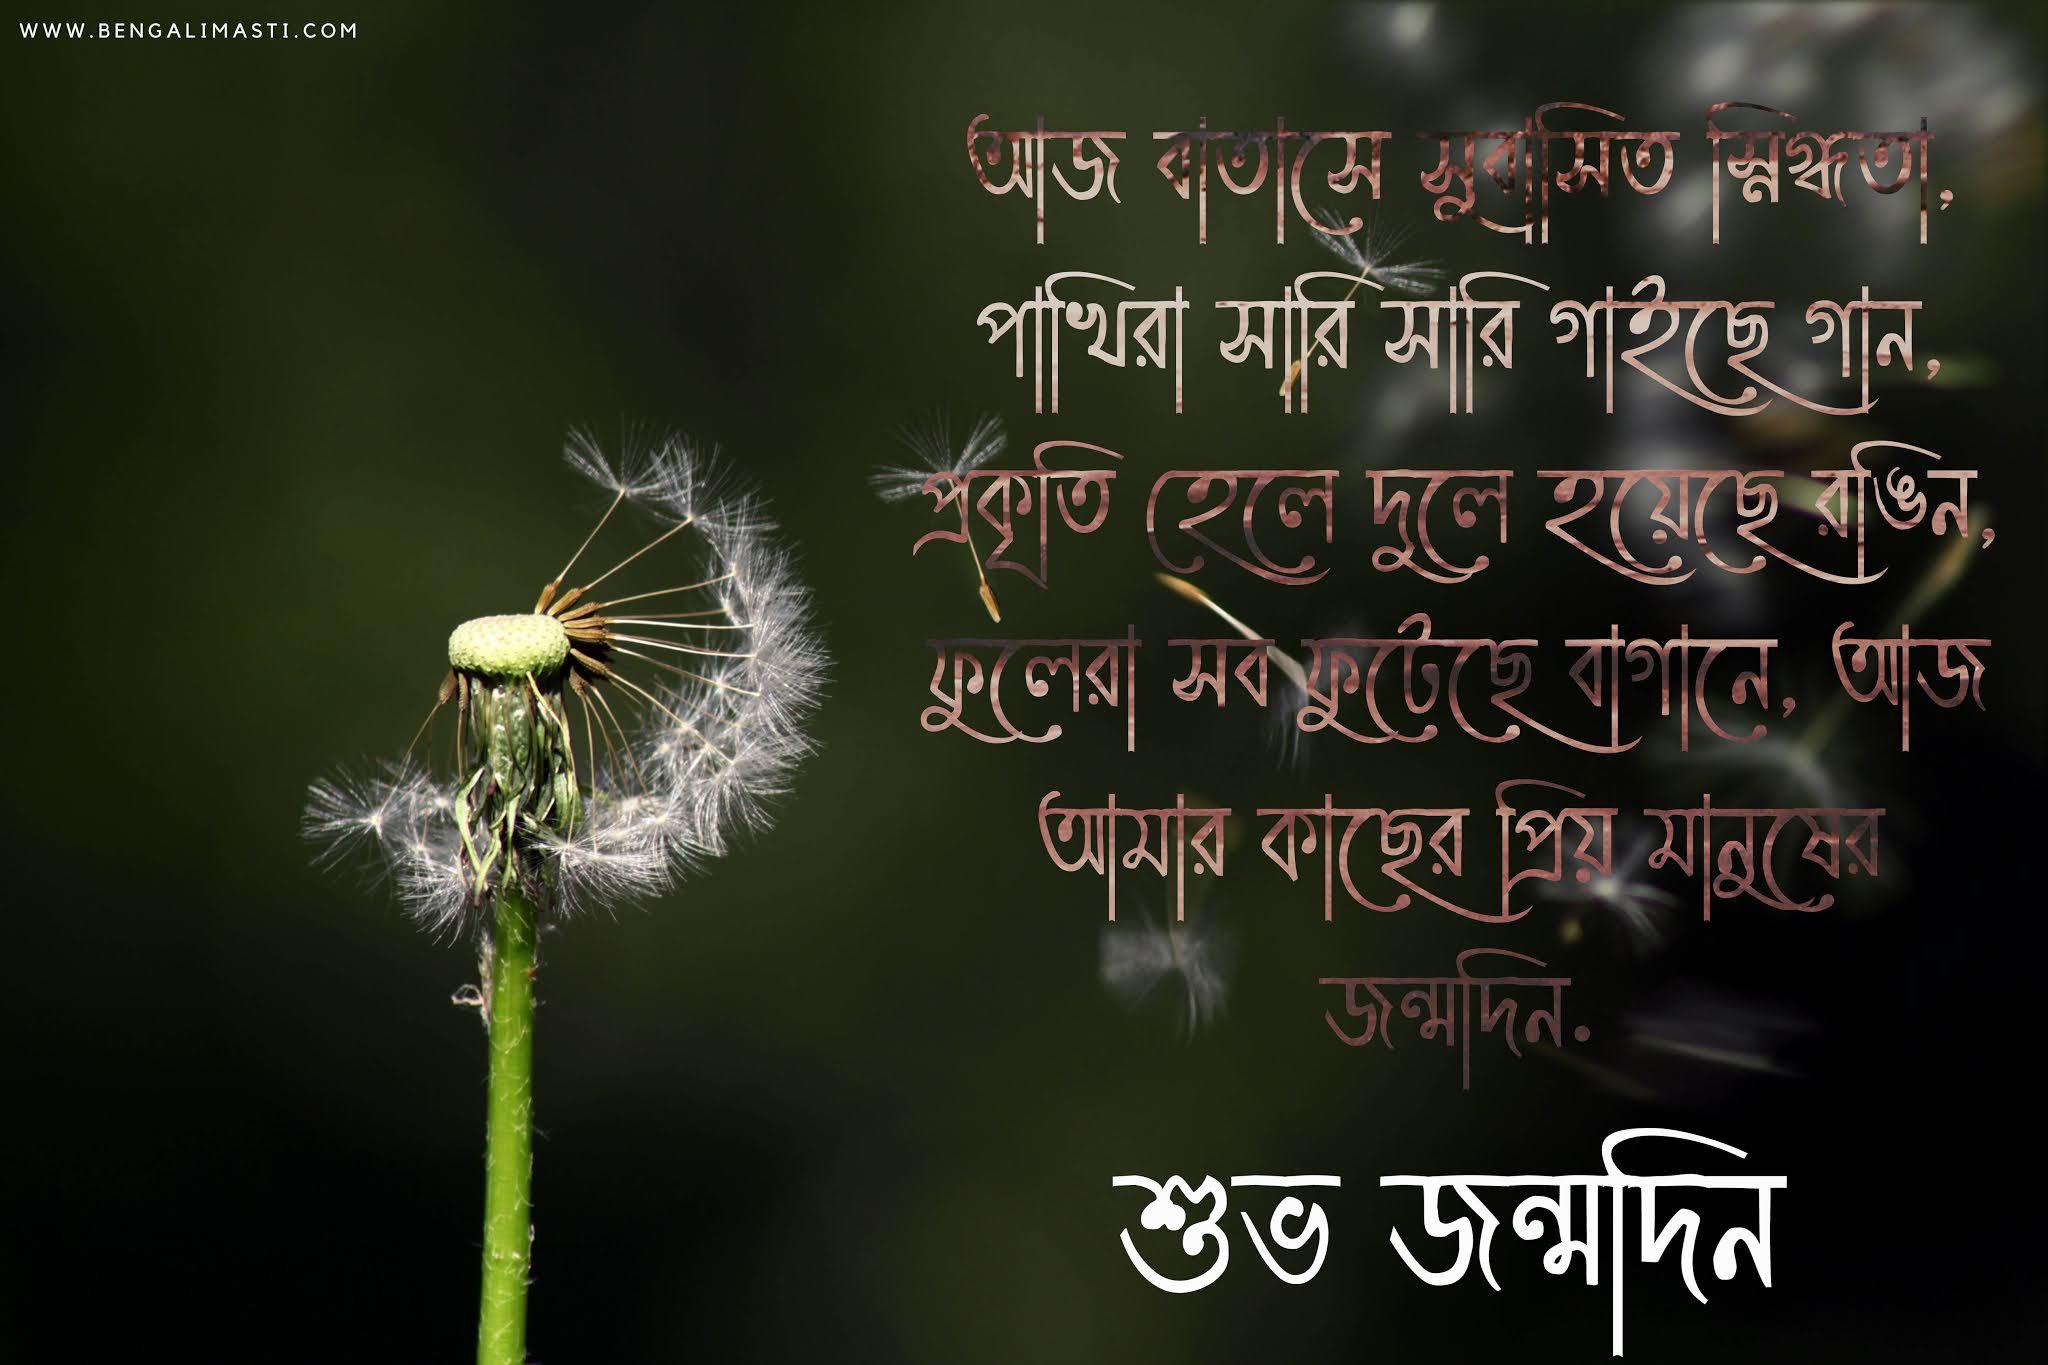 Bengali Happy Birthday Wishes